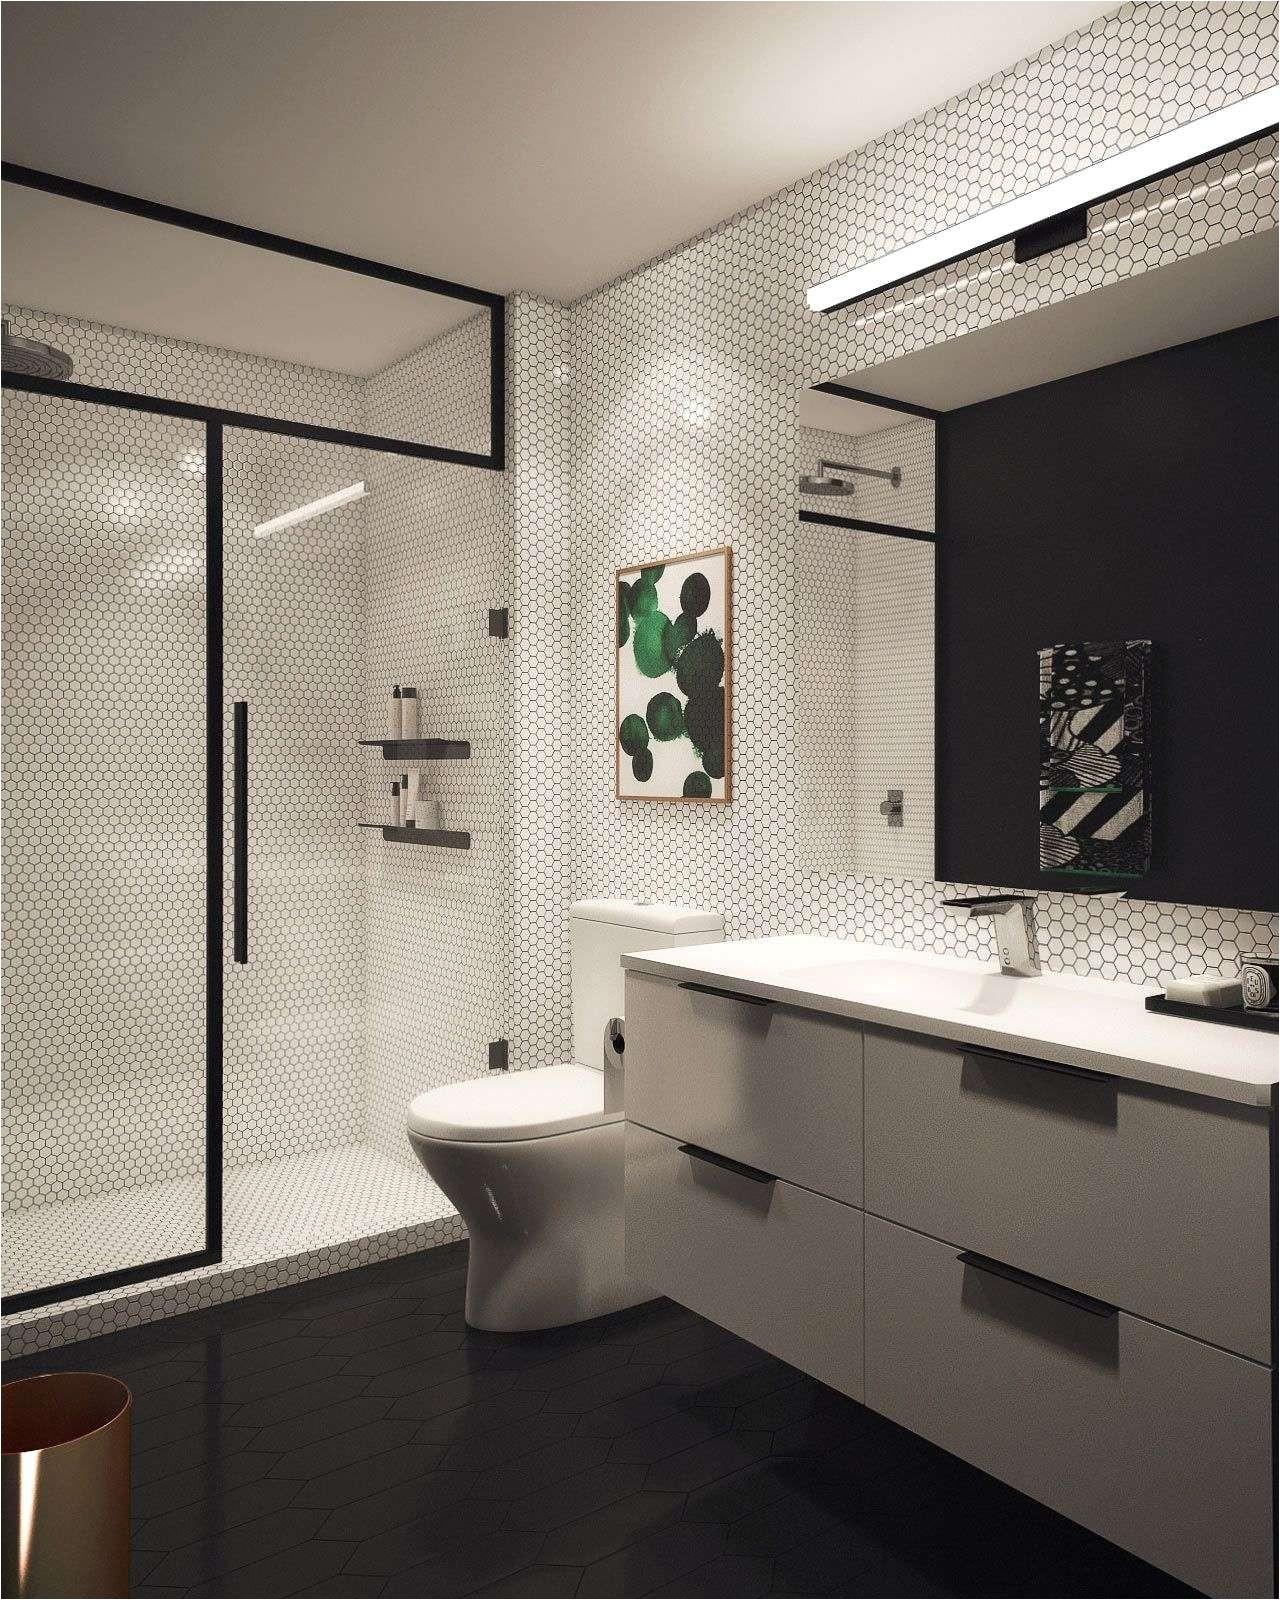 Nice Bathroom Design Ideas Bathroom Design Ideas for Small Bathrooms Valid Lovely Small